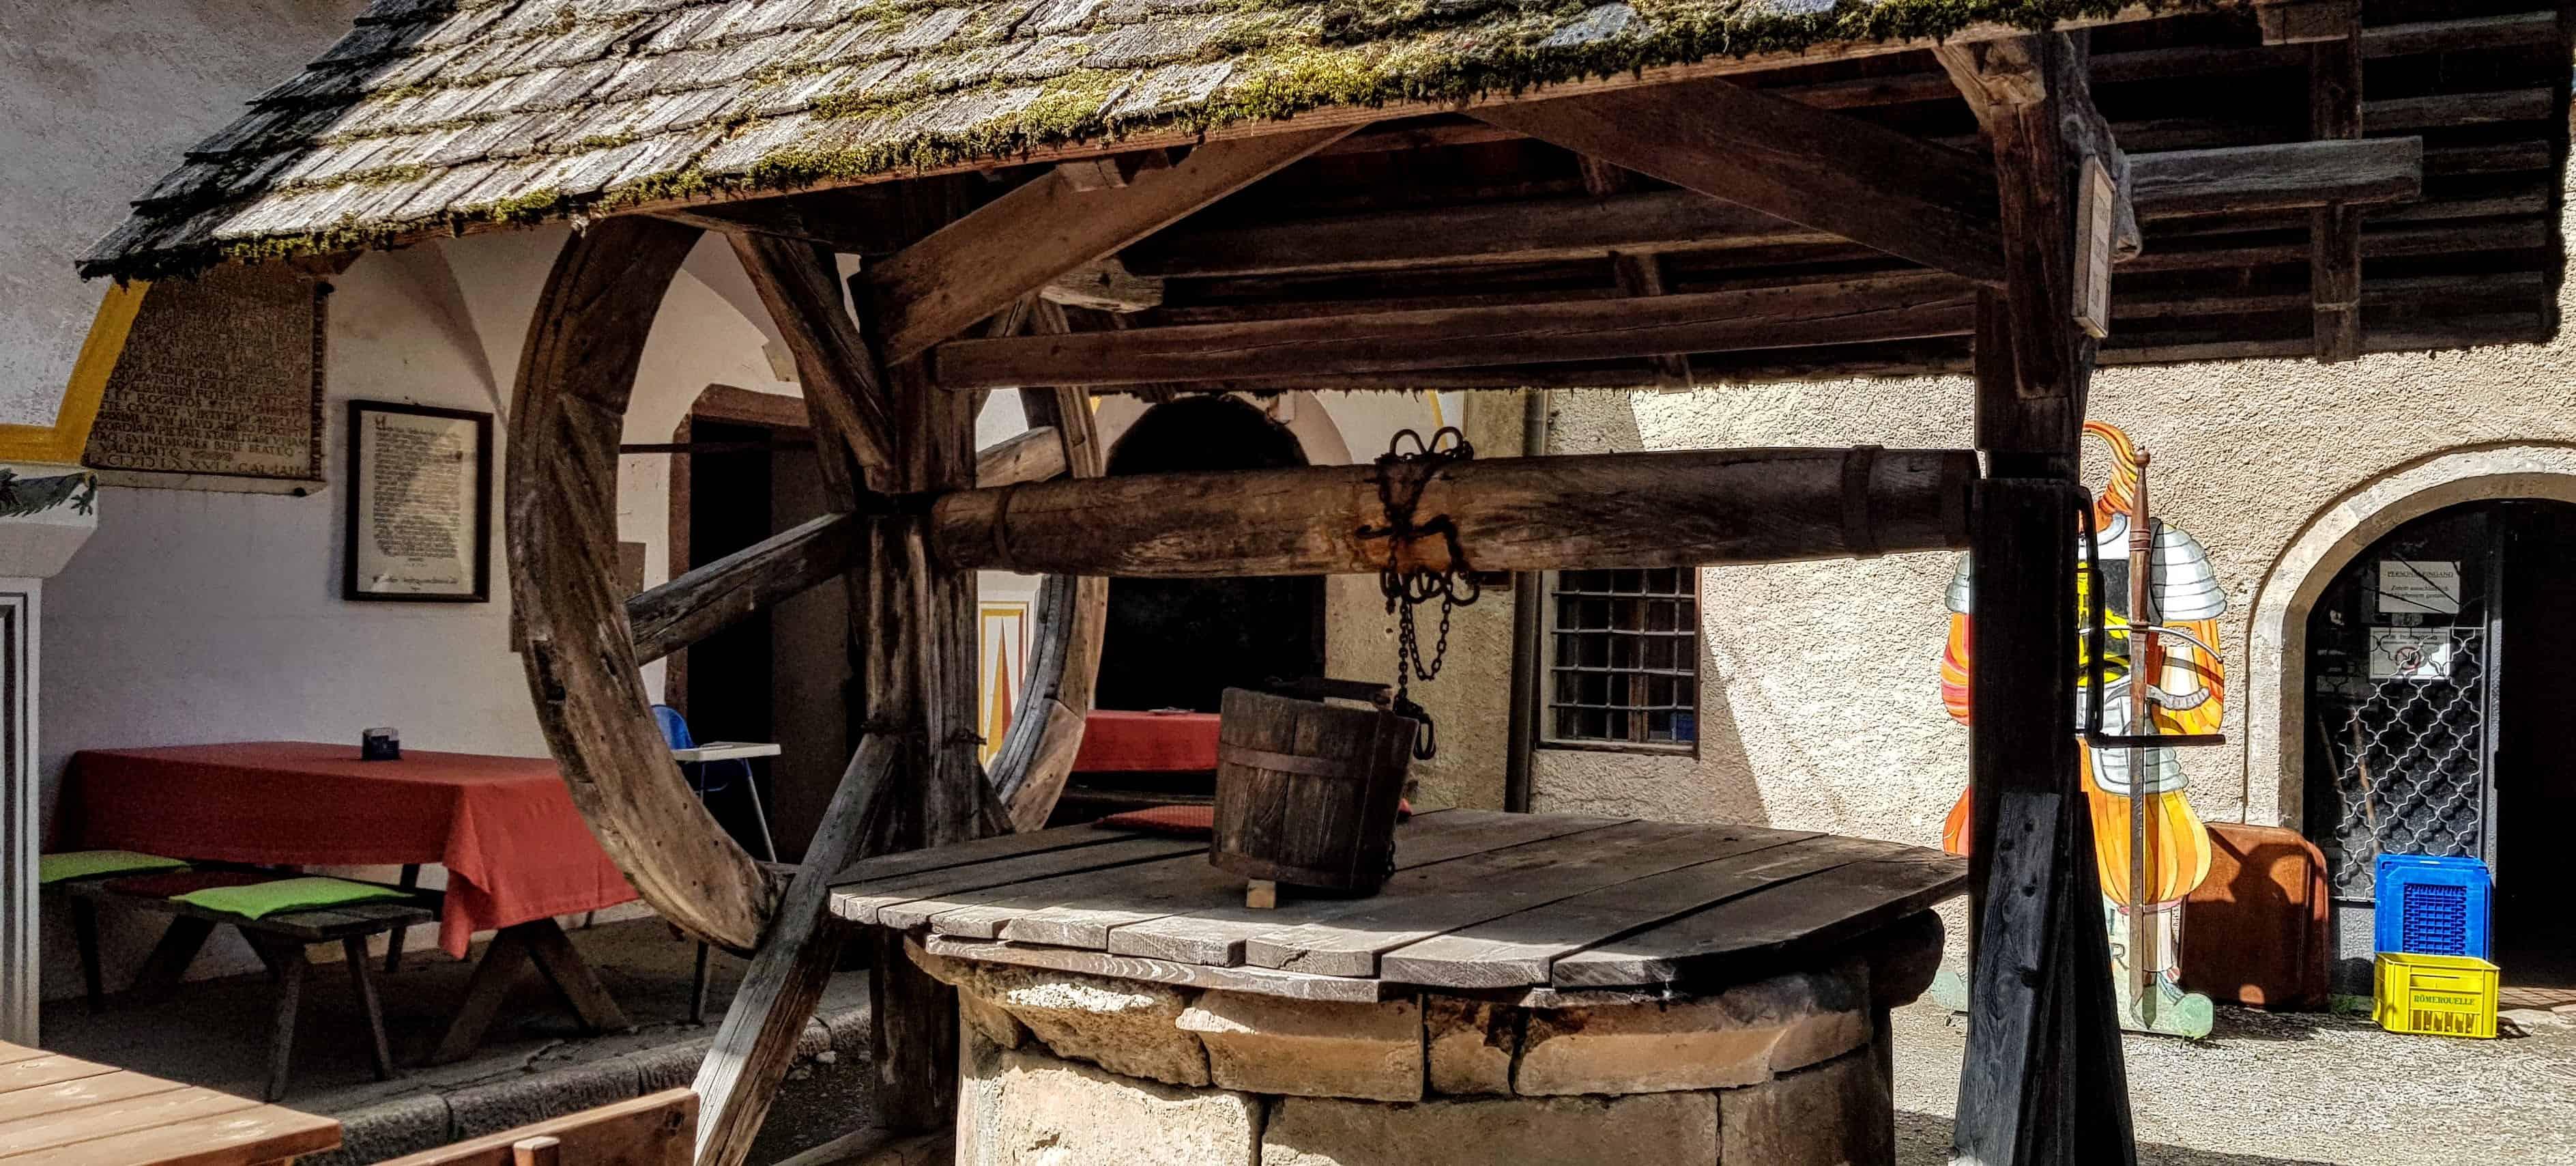 Burghof Hochosterwitz mit Brunnen - barrierefreie Ausflugsziele Kärnten